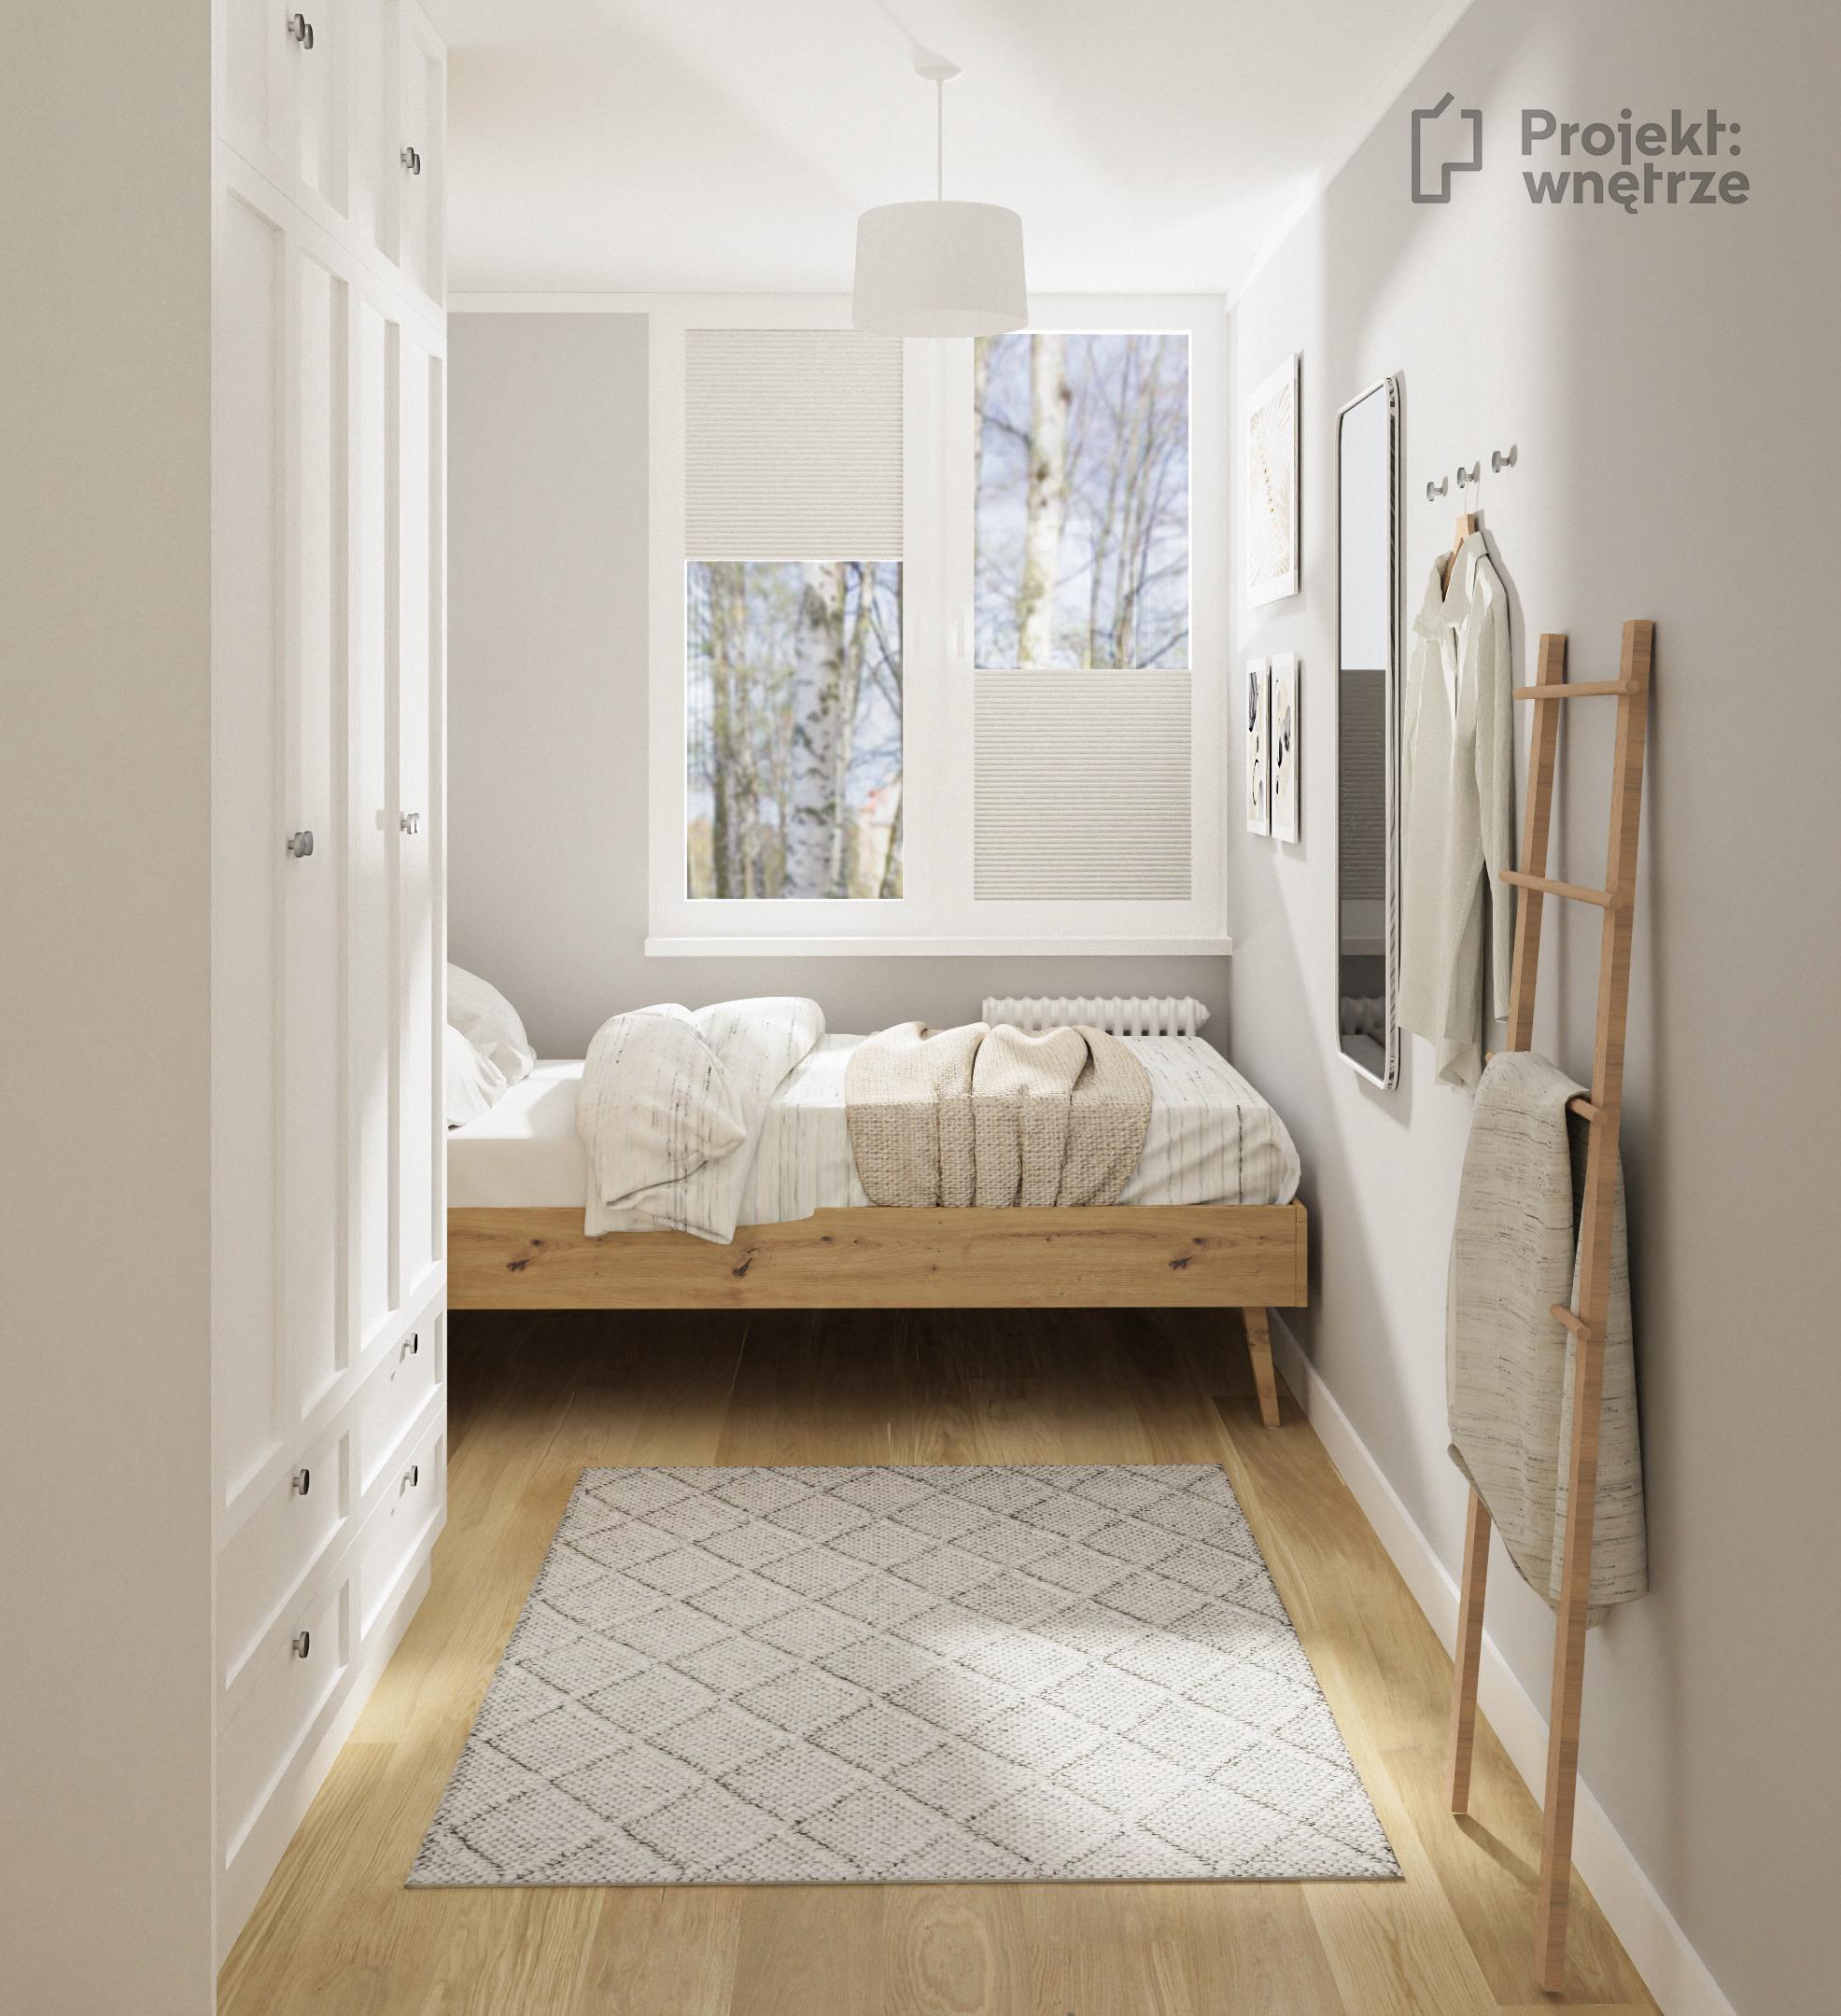 Mała sypialnia drewno biel szarość łóżko VOX nature Projekt wnętrze projekt małego mieszkania w neutralnych odcieniach szarości biel drewno.- projektowanie wnętrz warszawa online - www.projektwnetrze.com.pl